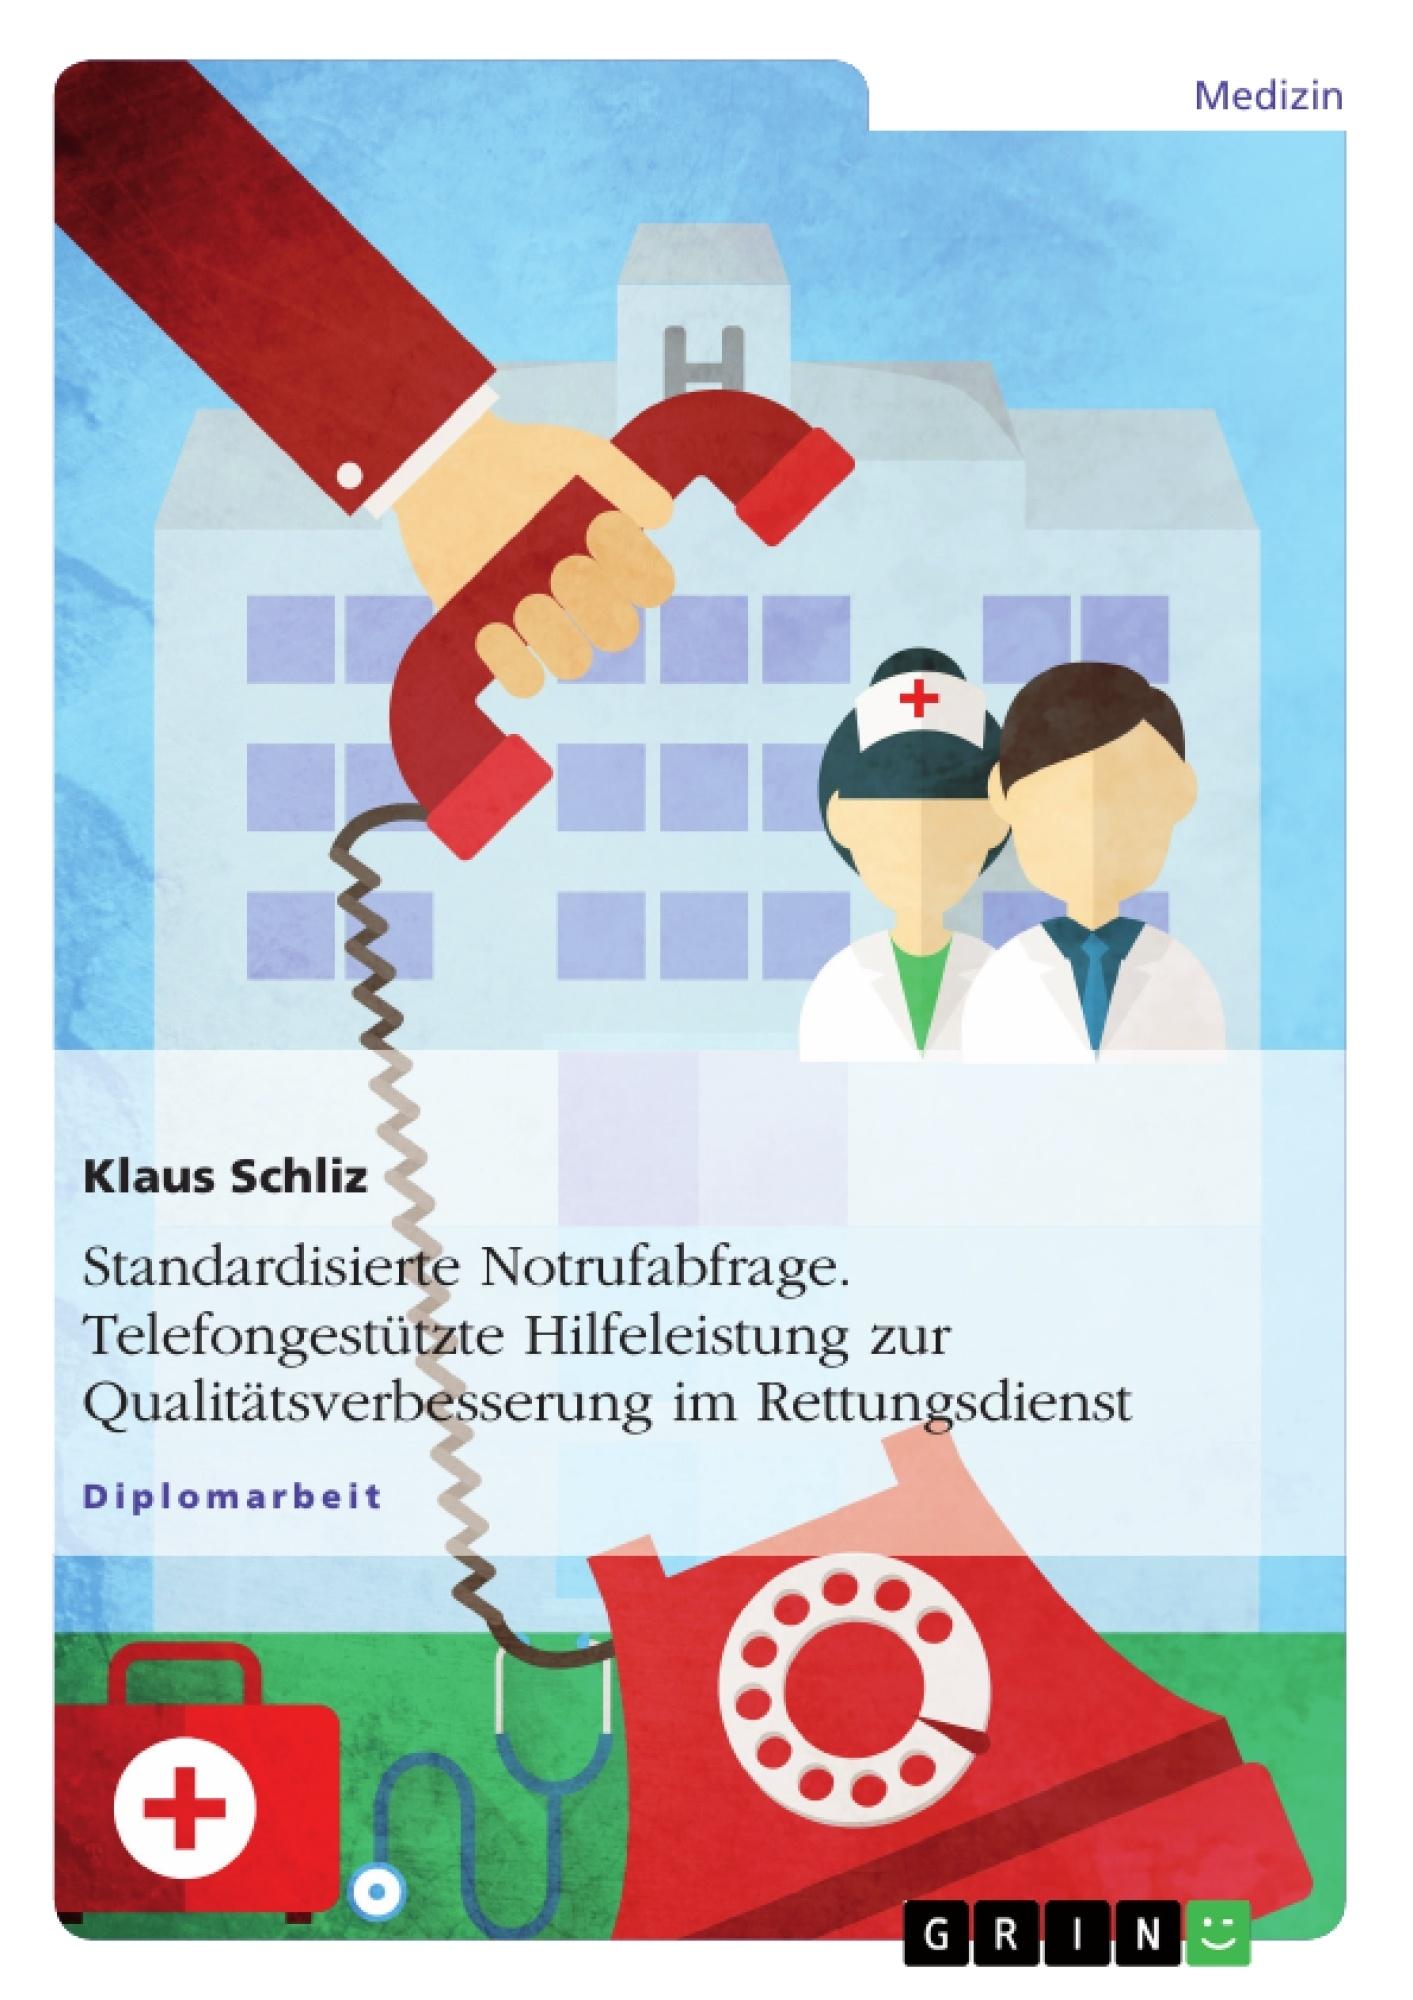 Titel: Standardisierte Notrufabfrage. Telefongestützte Hilfeleistung zur Qualitätsverbesserung im Rettungsdienst